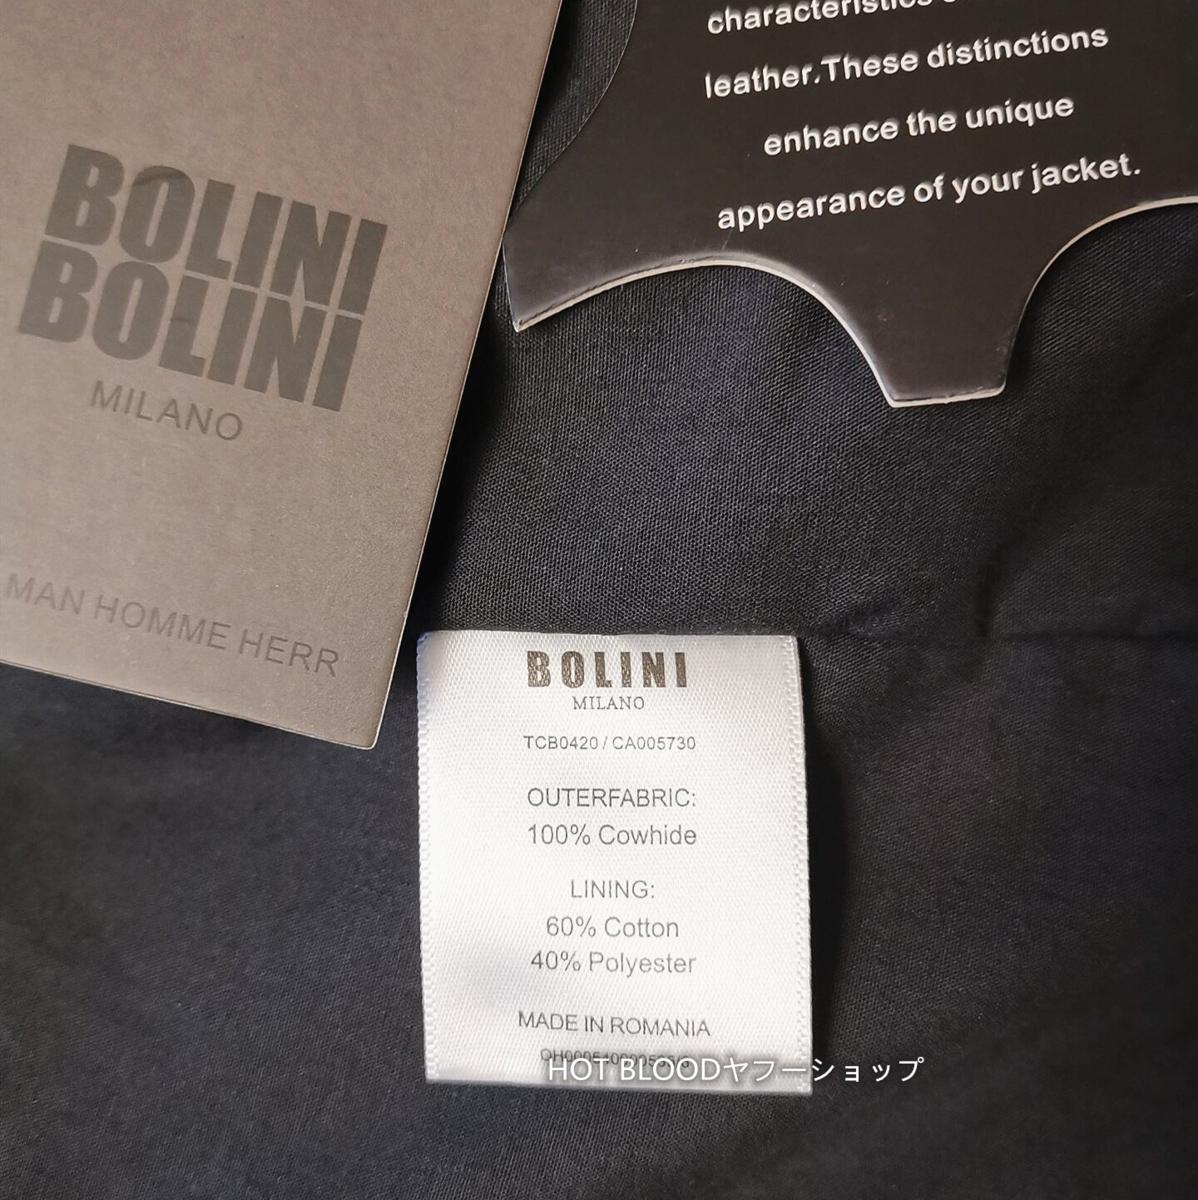 最高級ヨーロッパ製◆イタリア・ミラノ発*BOLINI*ブラックラインdesigner 最上級イタリアン牛革・レザージャケット・本格ライダース/XL_画像4